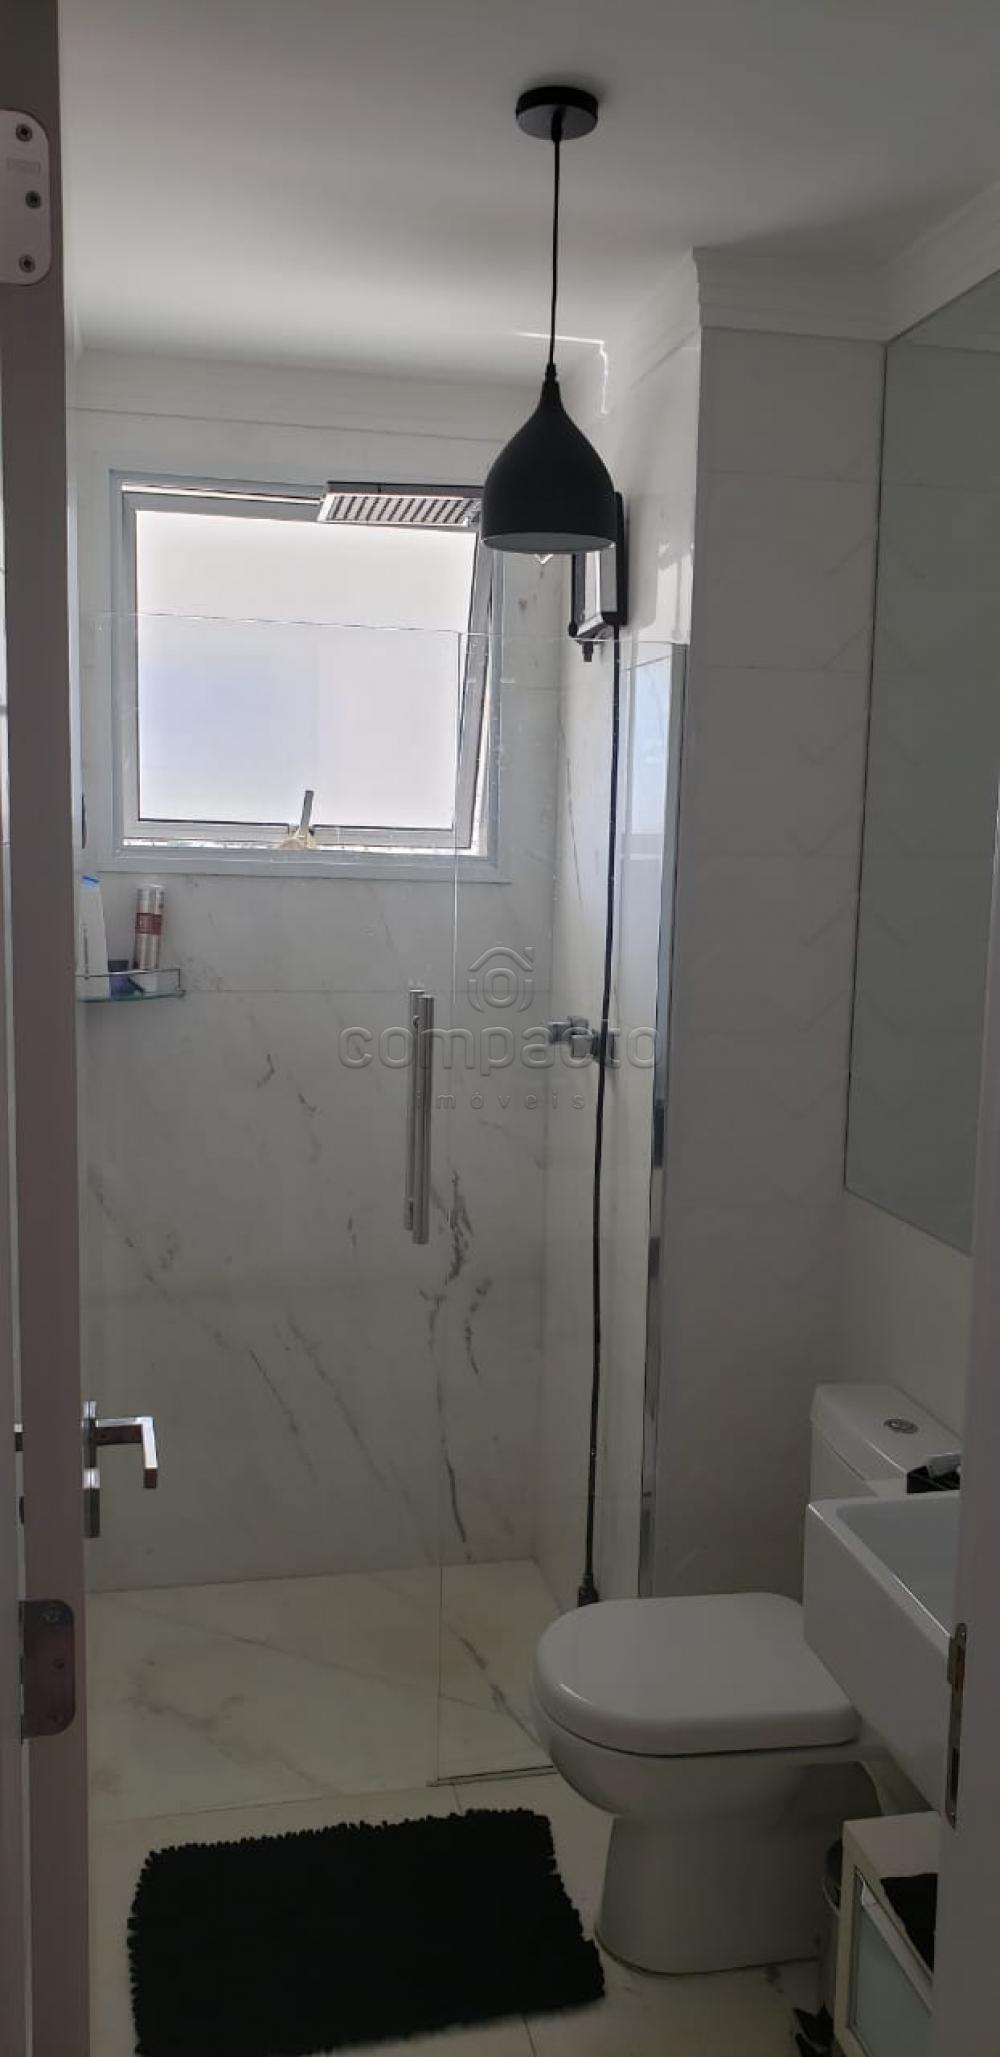 Comprar Apartamento / Padrão em São José do Rio Preto apenas R$ 1.500.000,00 - Foto 16